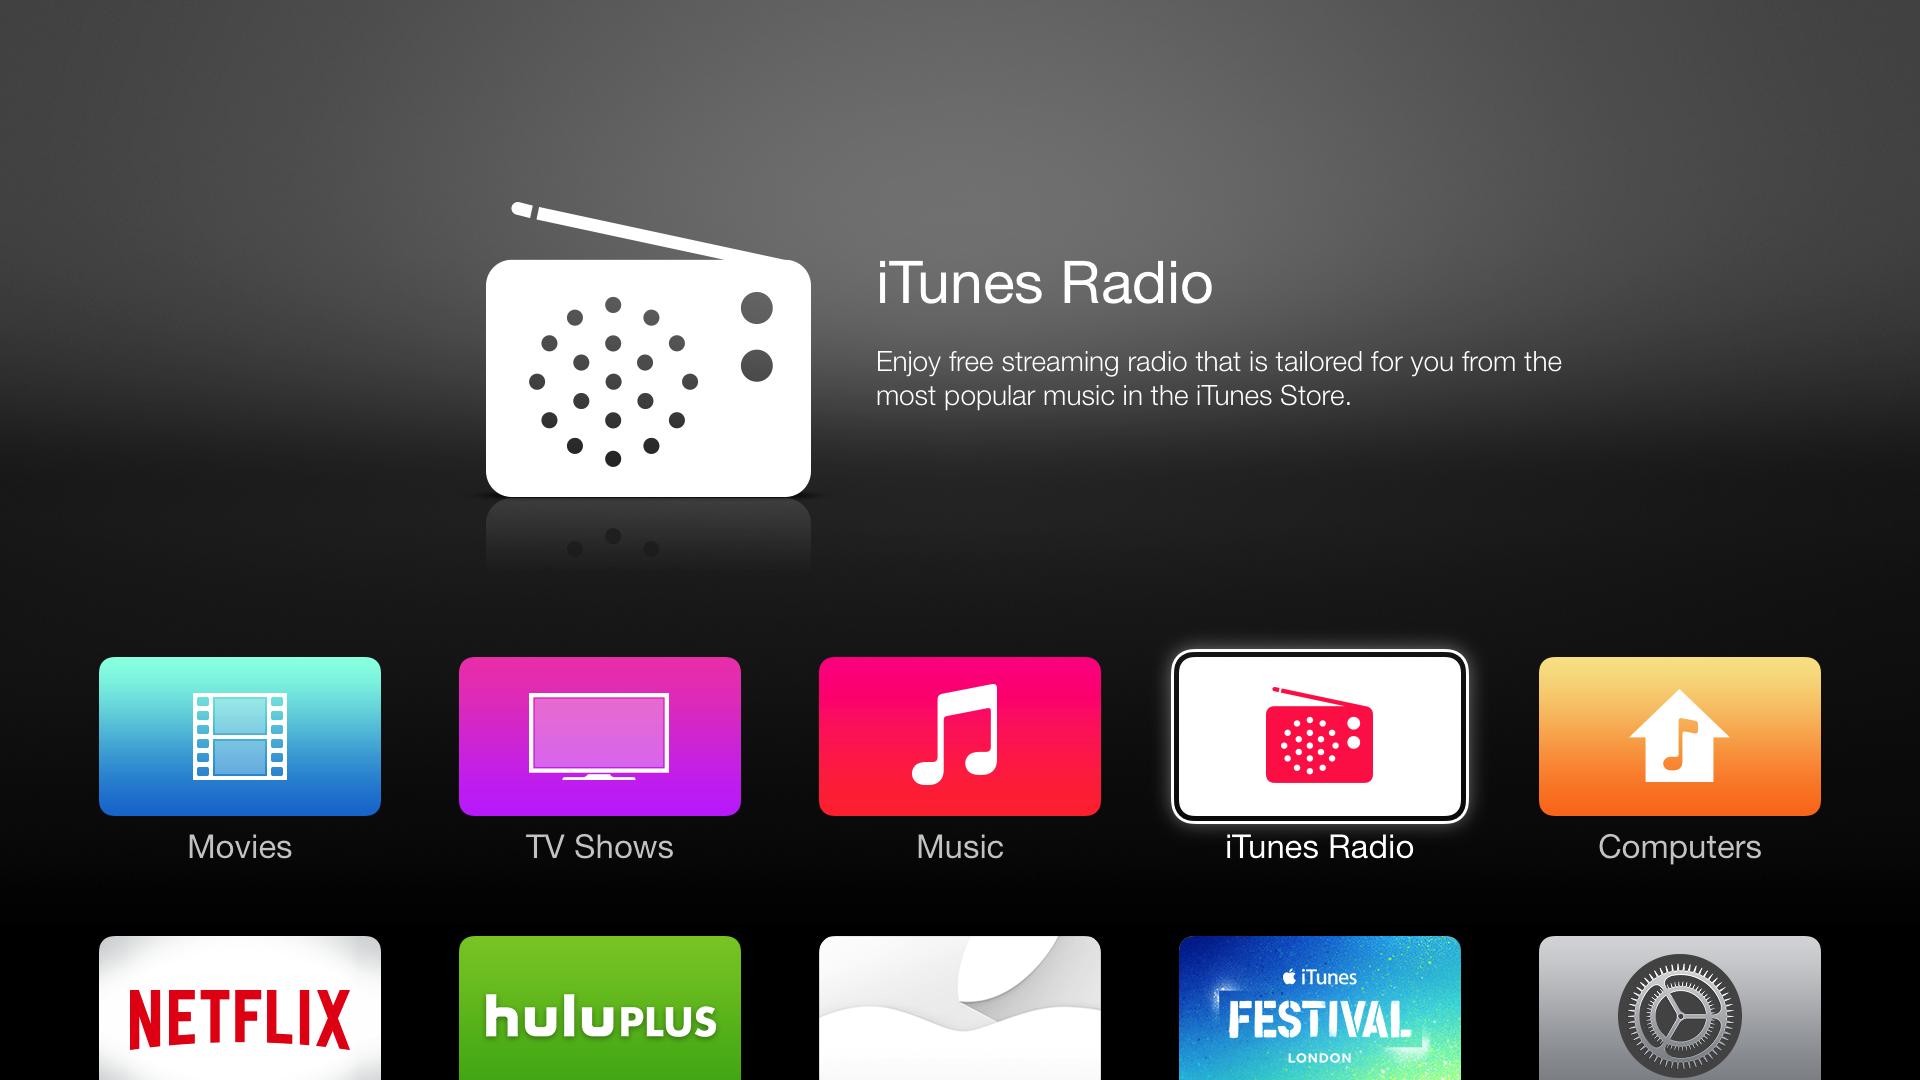 iTunes Radio on Apple TV